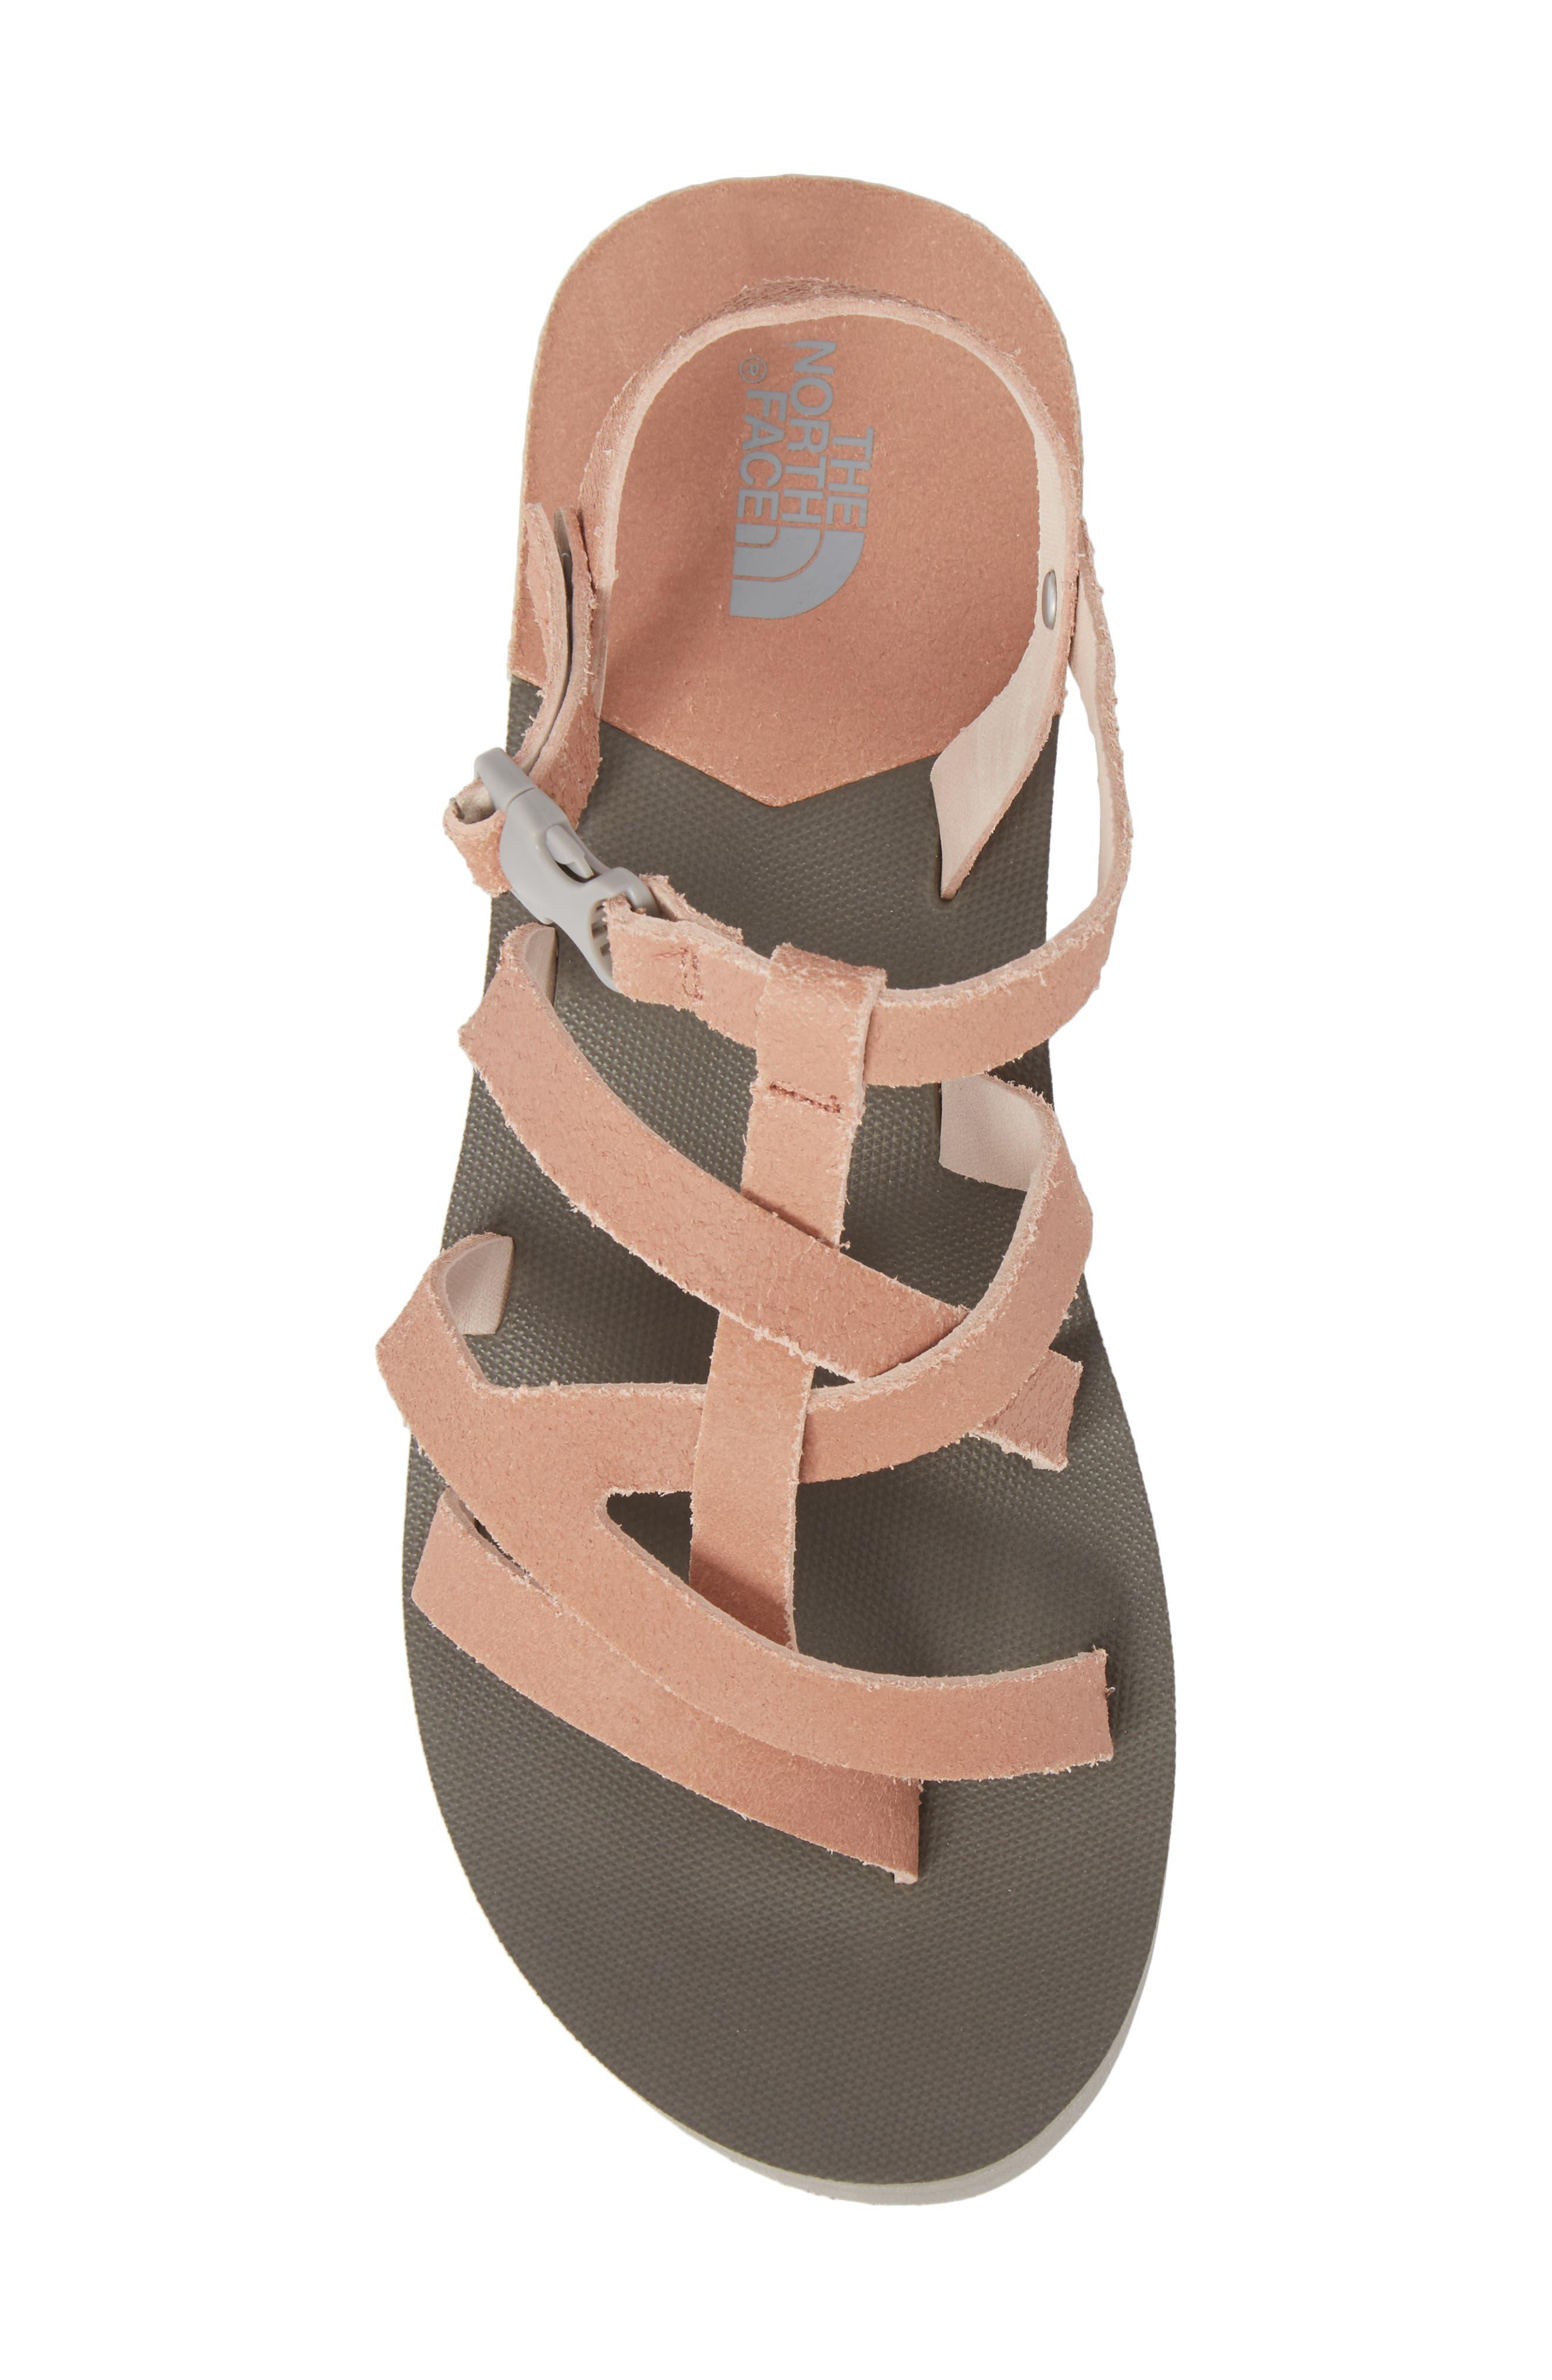 Base Camp Plus II Gladiator Sandal,                             Alternate thumbnail 5, color,                             Evening Sand Pink/ Foil Grey